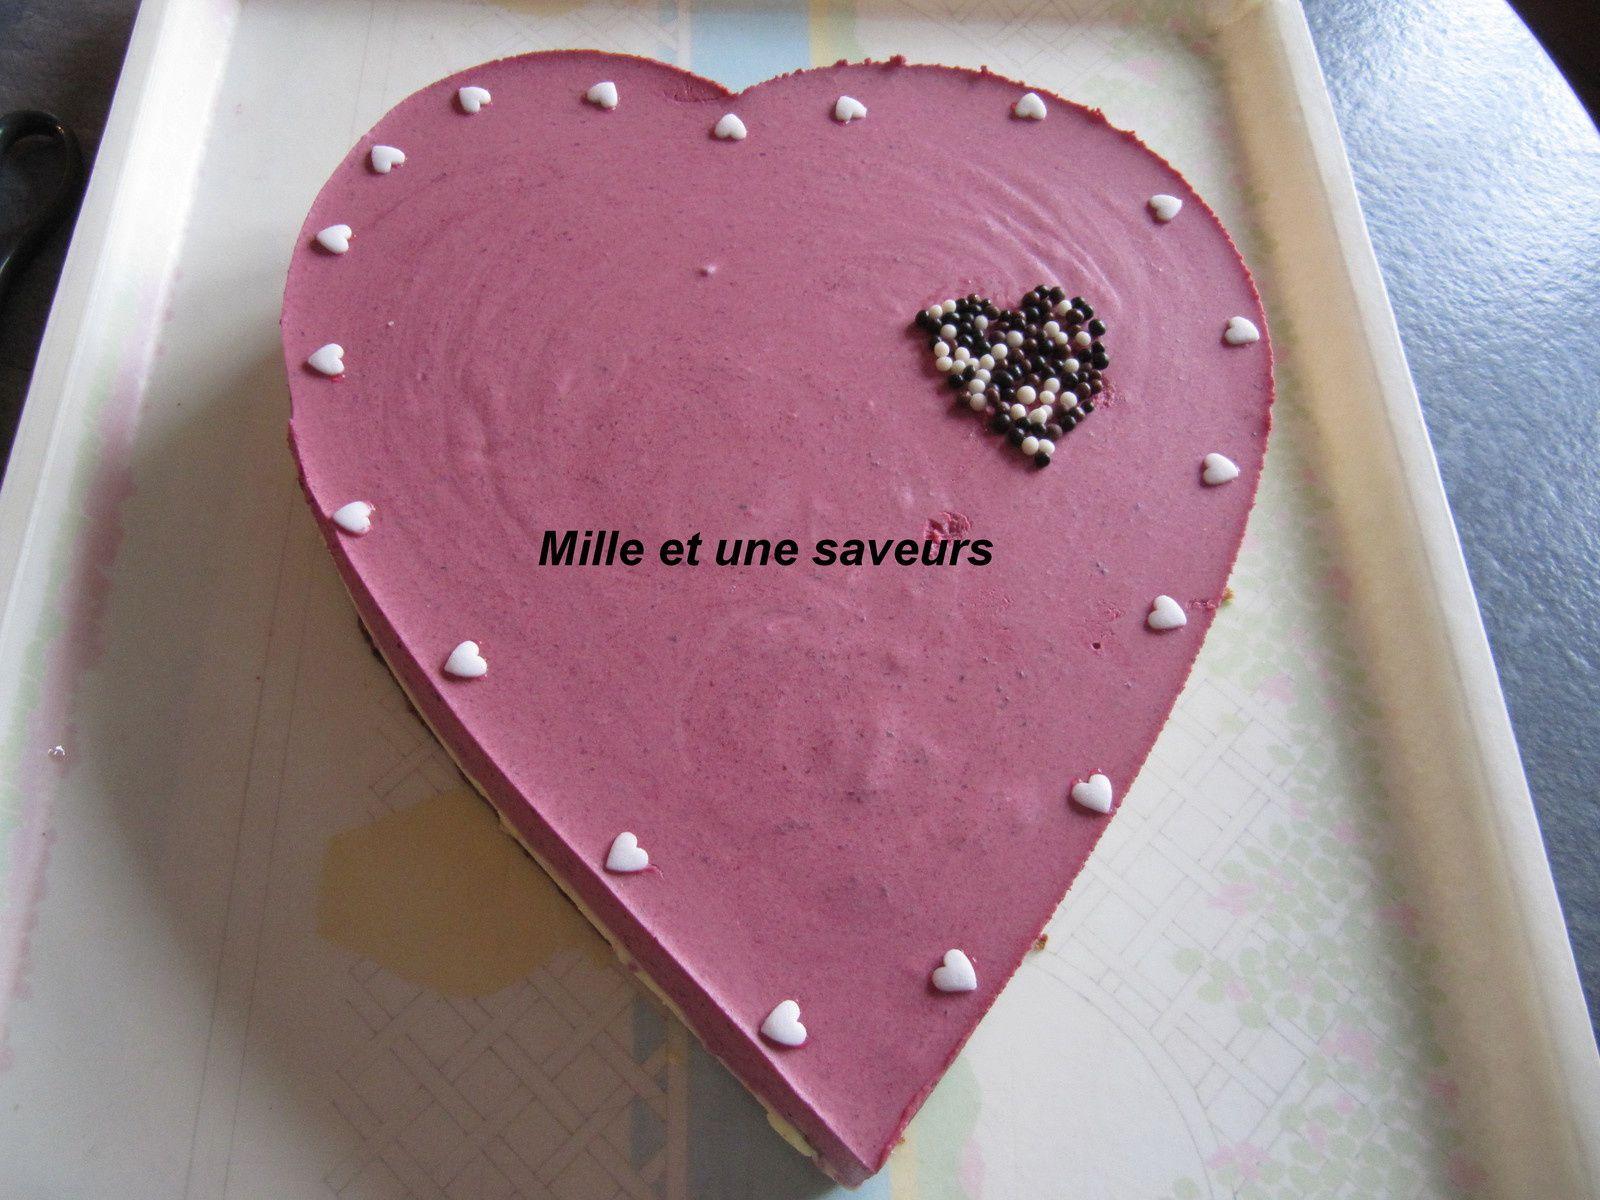 Coeur à la mousse vanillée et boisée